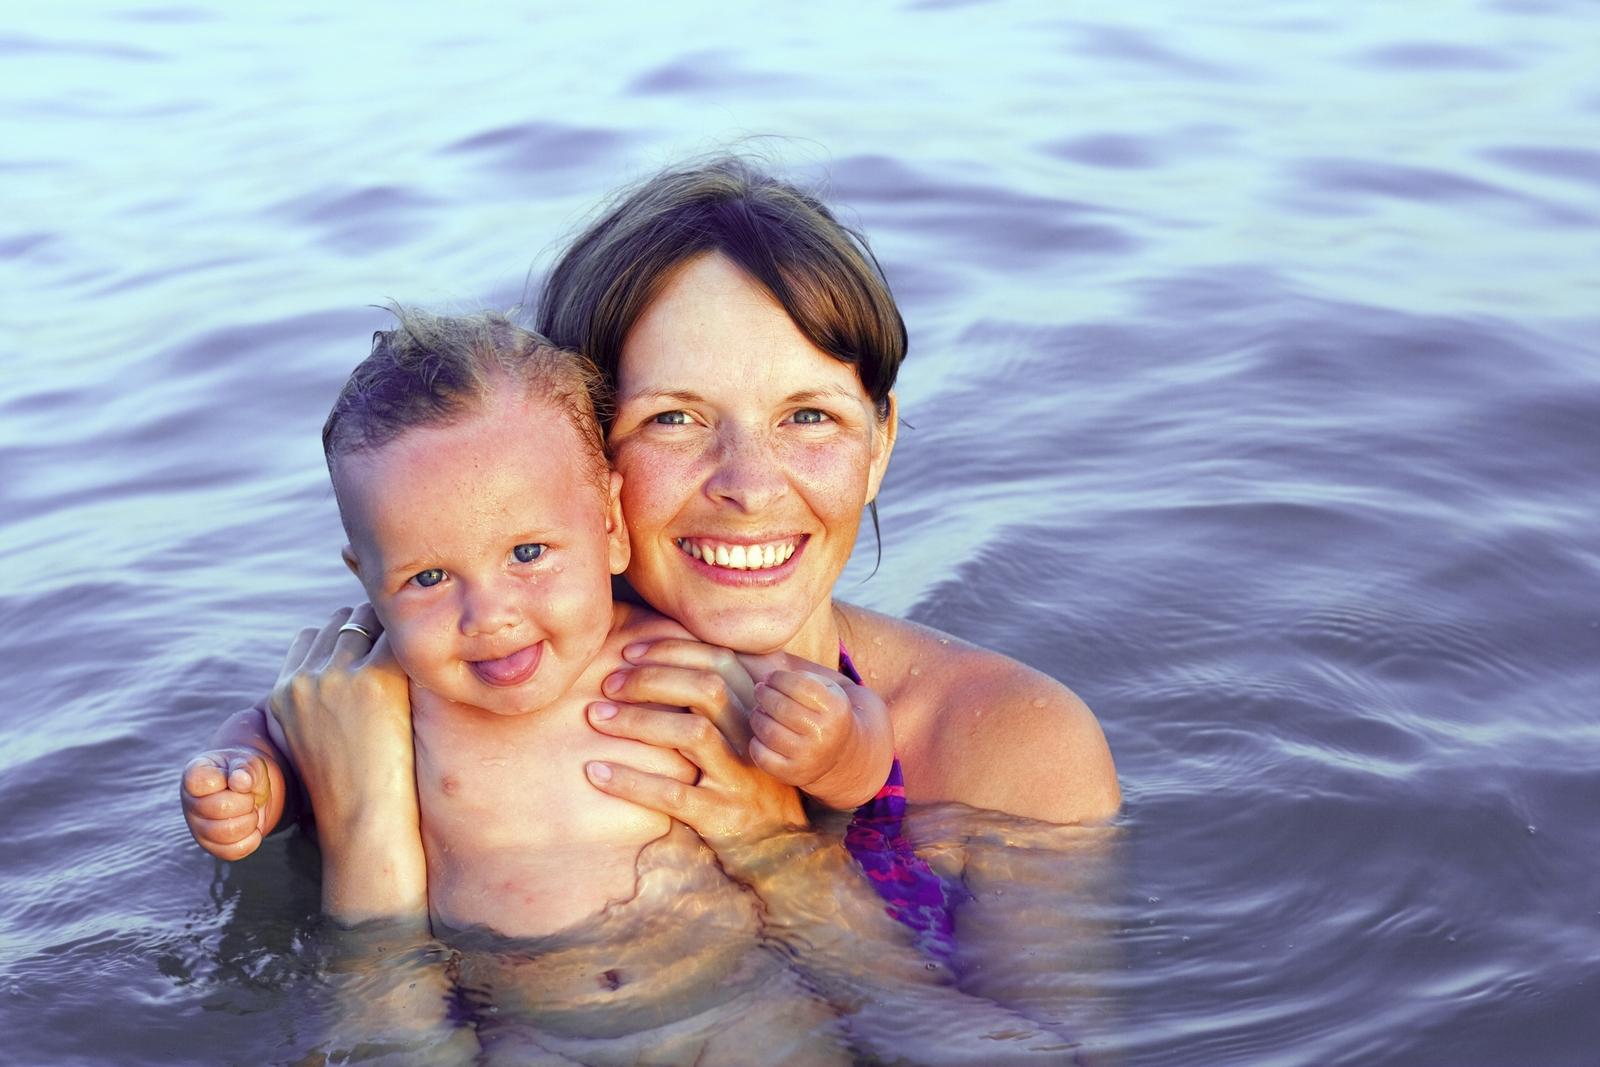 Рассказ секс мамы с сыном на отдыхе, Инцест - Эротический рассказ 8 фотография